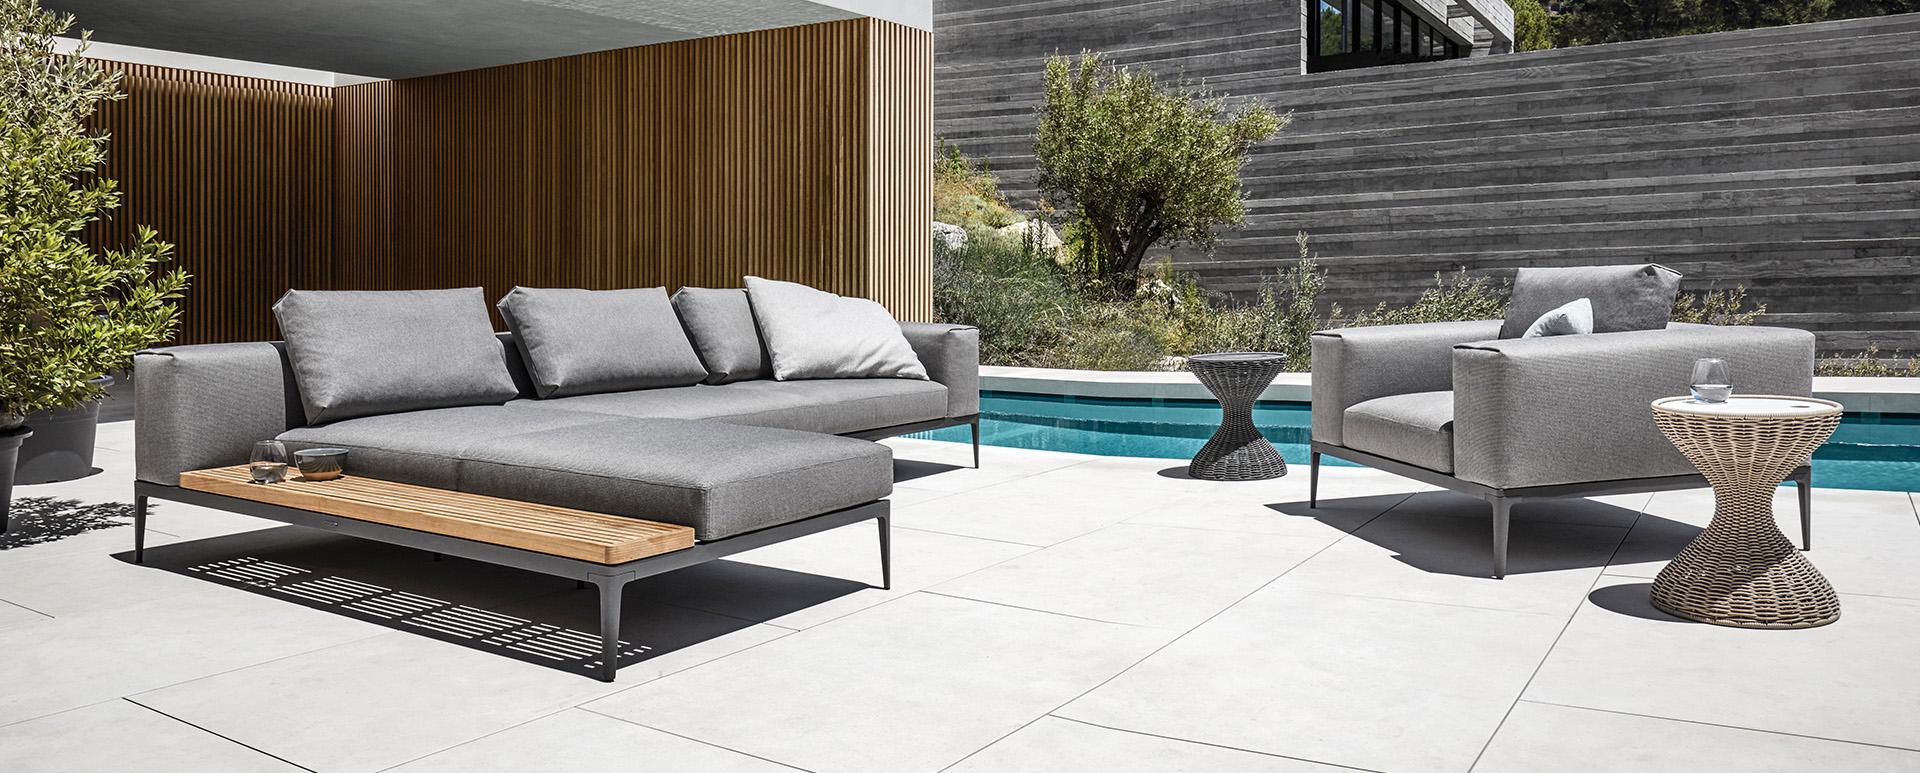 Qué muebles no deben faltar en tu jardín este verano